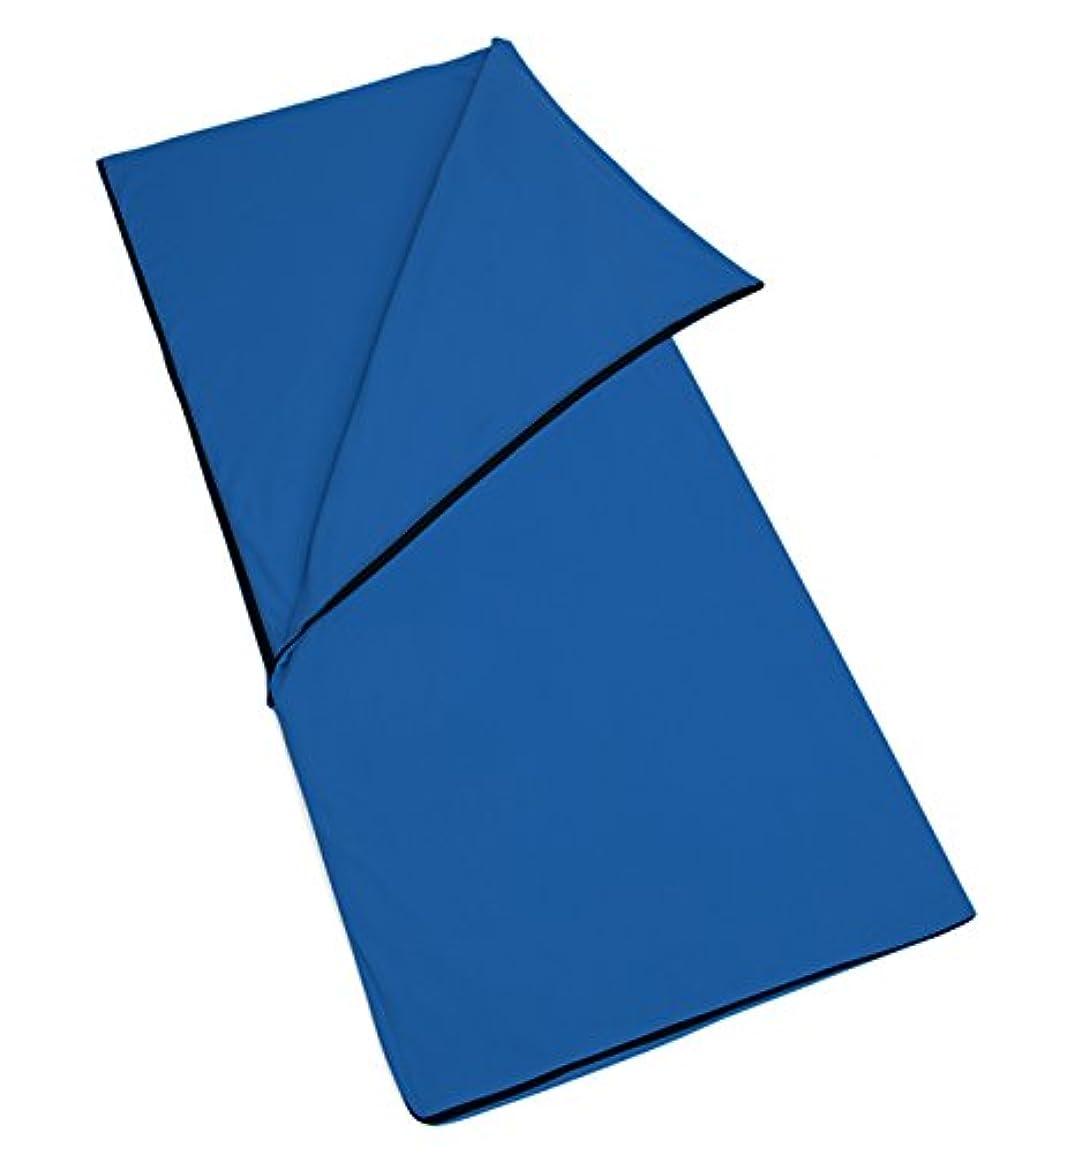 私たち自身神離婚(サモルックス) Sumolux インナーシュラフ 寝袋 フリース 毛布 ブランケット 大判 あったかい 多機能 膝掛け アウトドア 車中泊 洗える ファスナー付き 封筒型